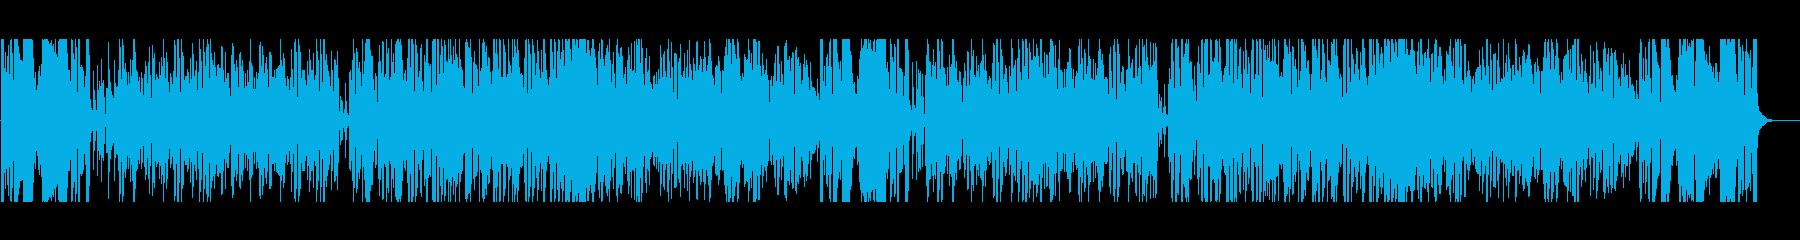 明るく爽やか、スピーディなジャズの再生済みの波形